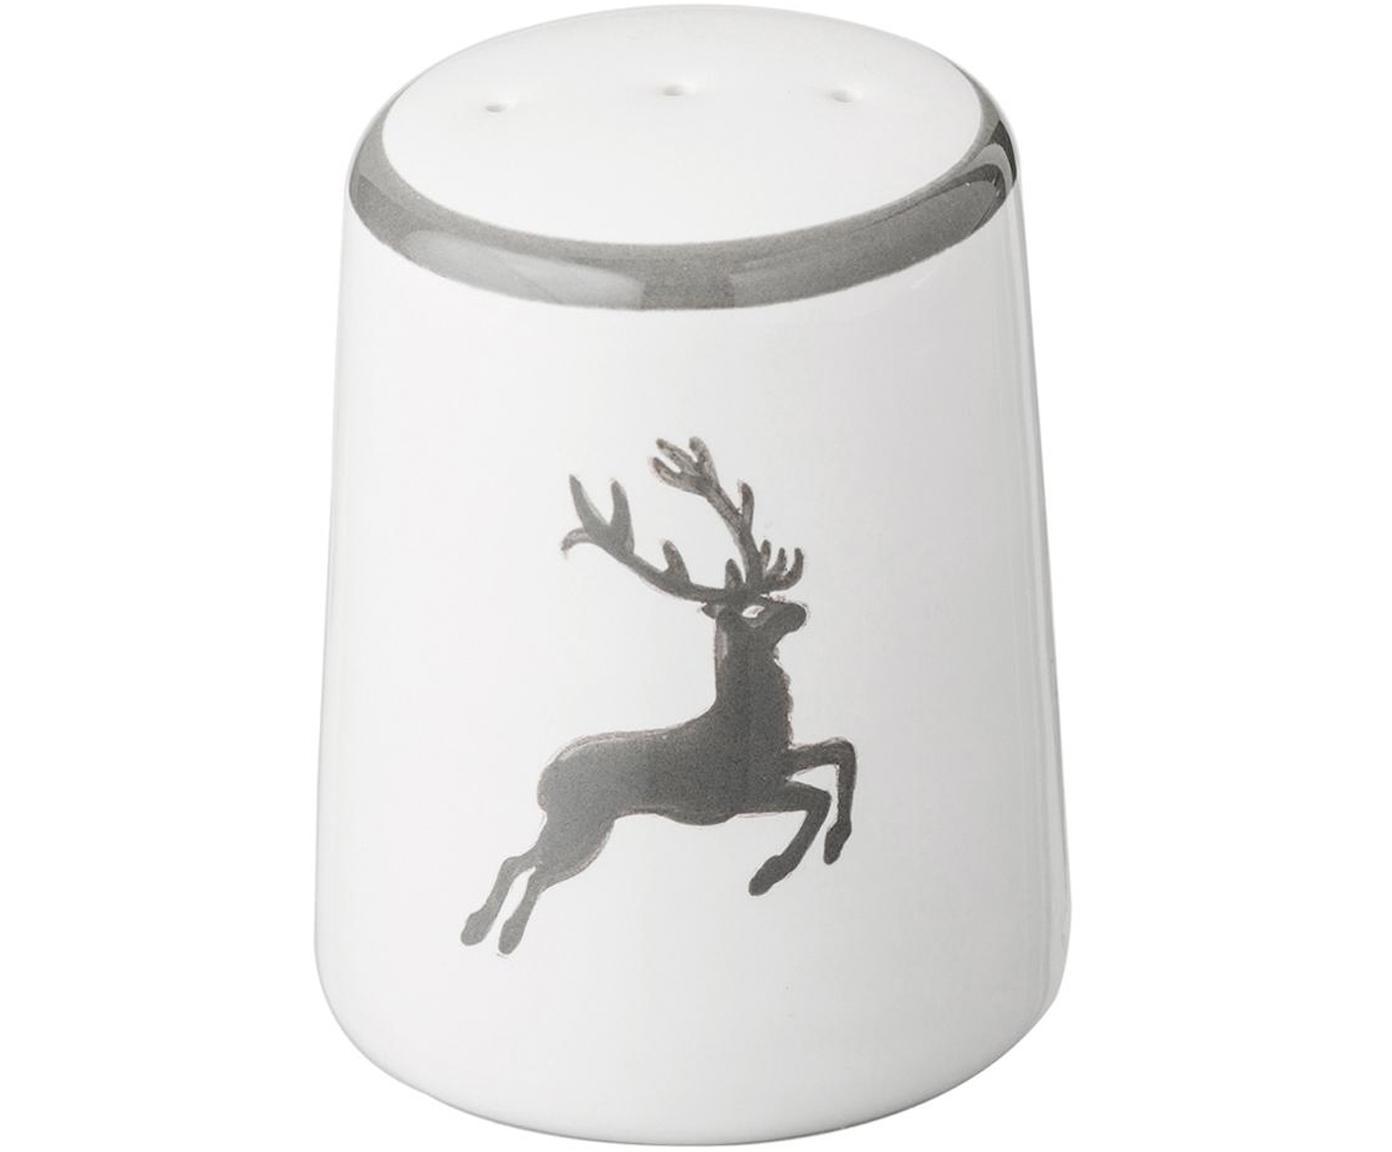 Pieprzniczka Classic Grauer Hirsch, Ceramika, Szary, biały, 4 x 6 cm